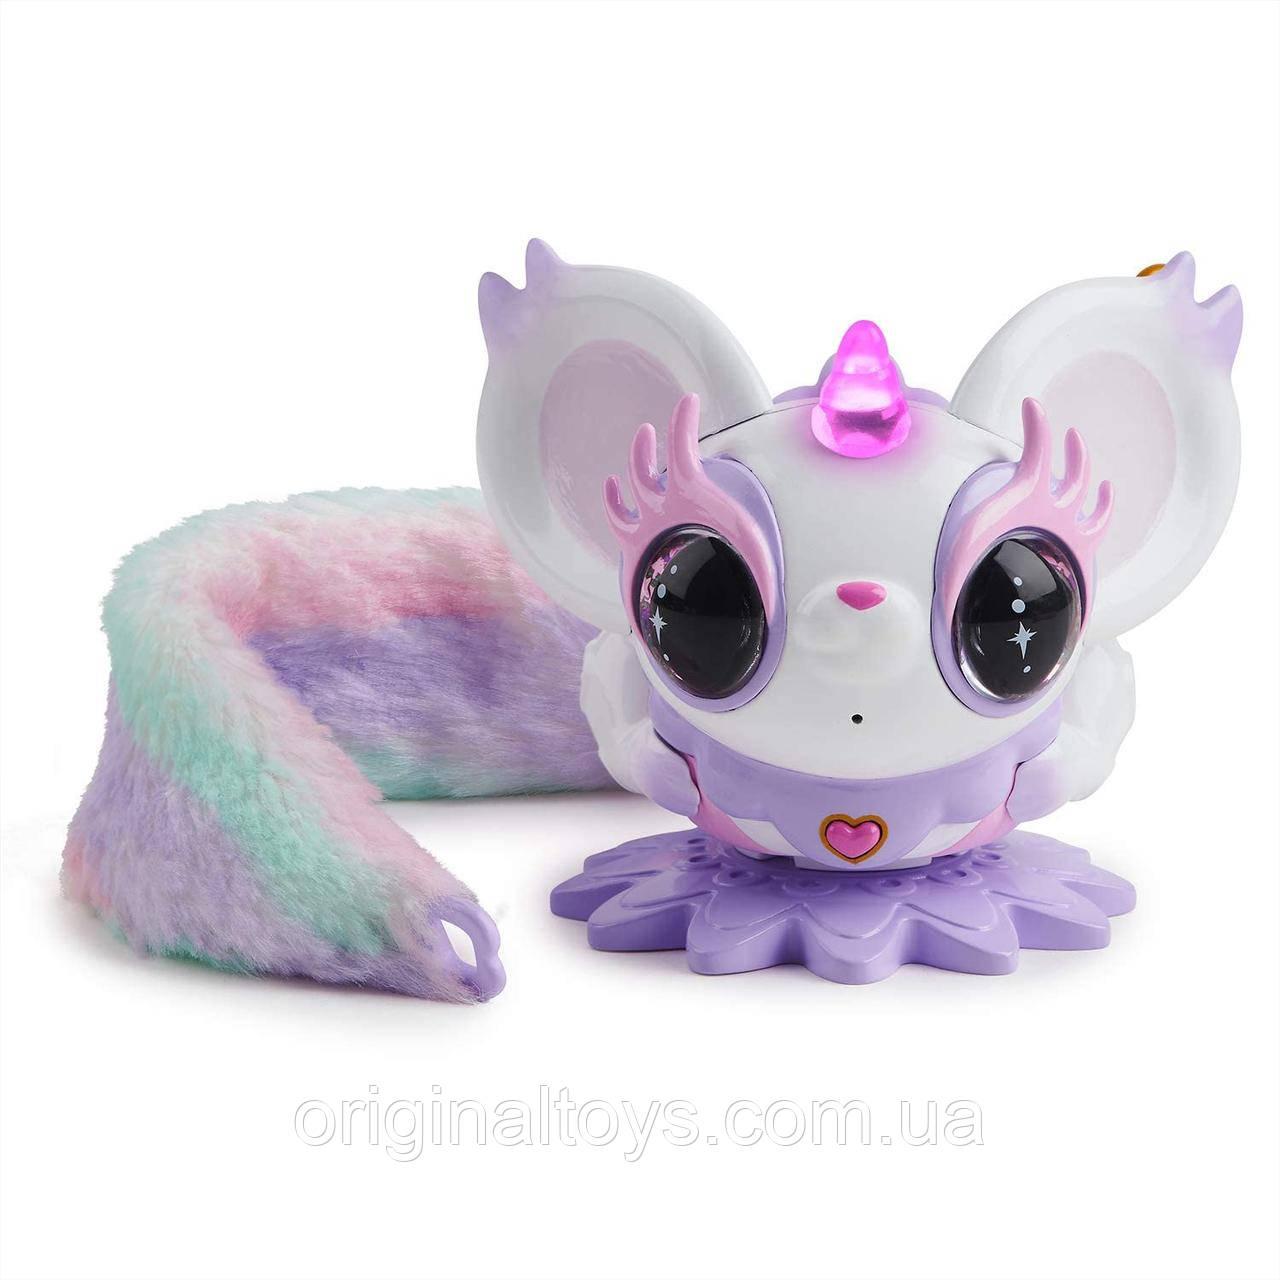 Интерактивная игрушка Pixie Belles Пикси Беллс Эсме